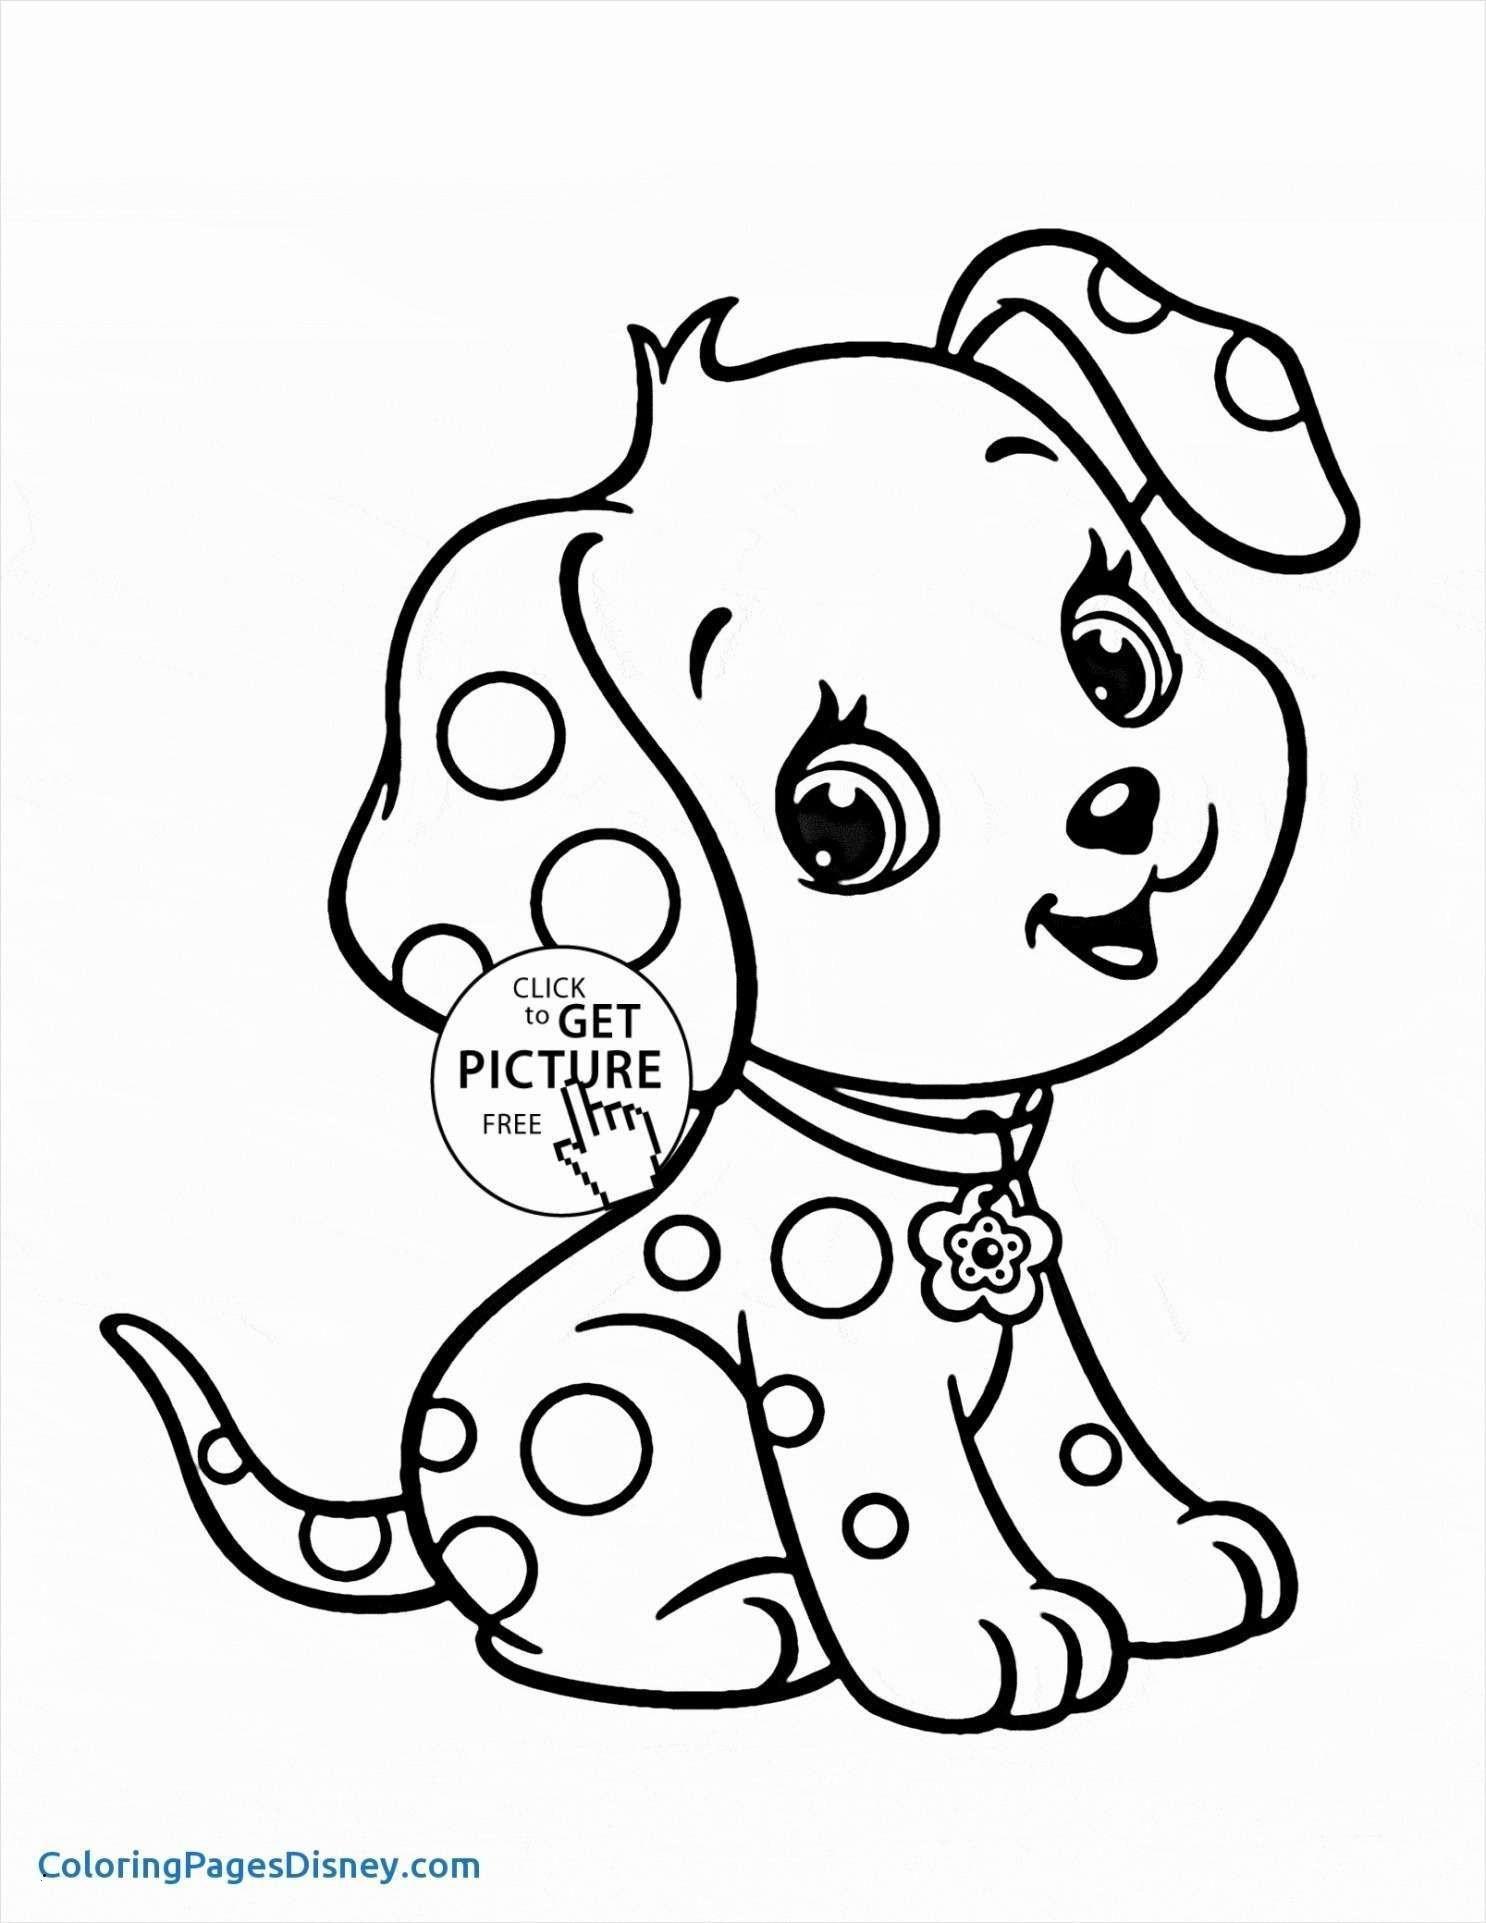 Ausmalbilder Disney Prinzessin Jasmin Genial 40 Entwurf Ausmalbilder Disney Kostenlos Treehouse Nyc Bild